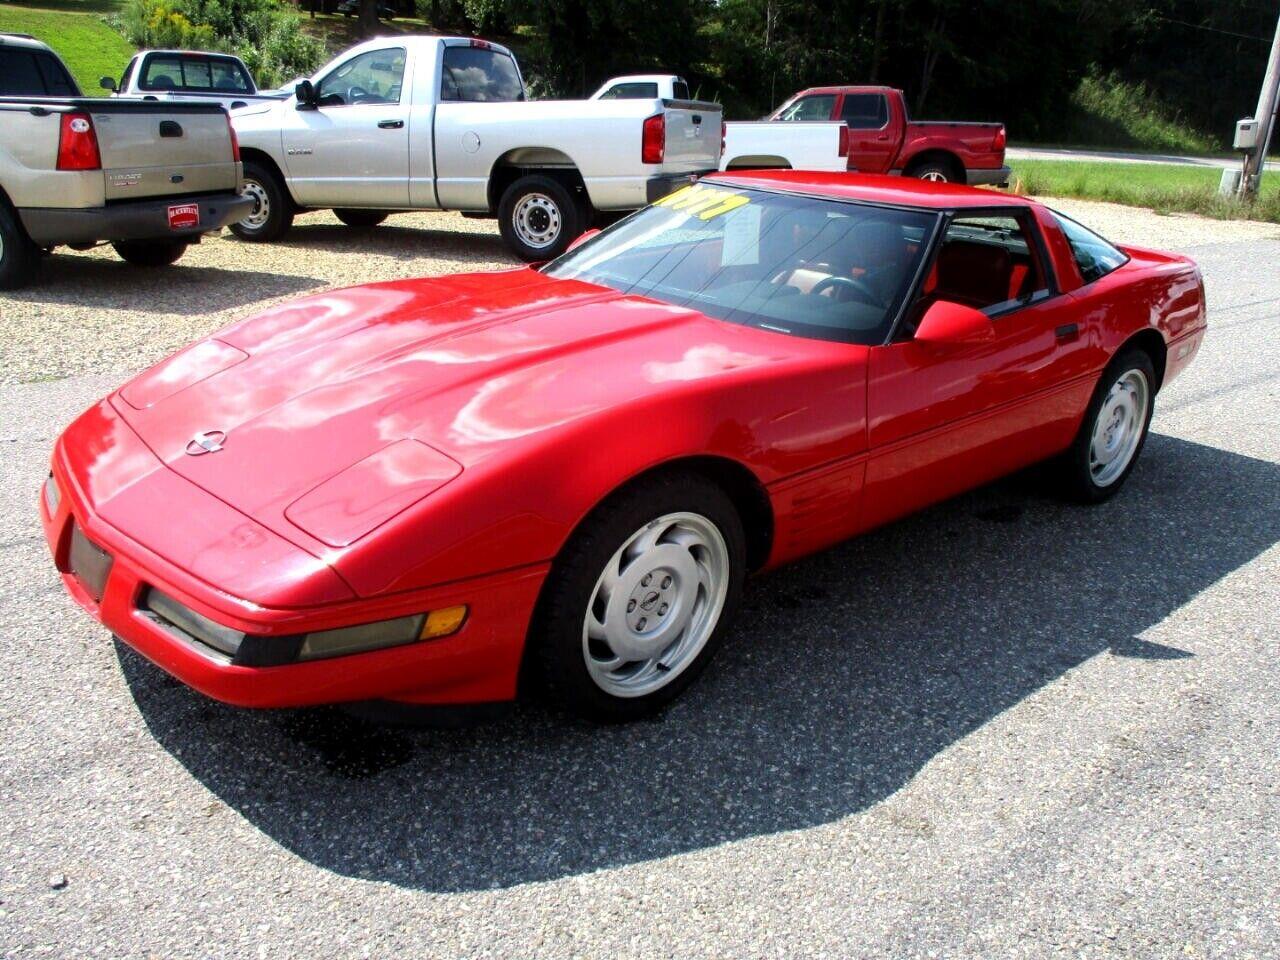 1991 Red Chevrolet Corvette Coupe    C4 Corvette Photo 7